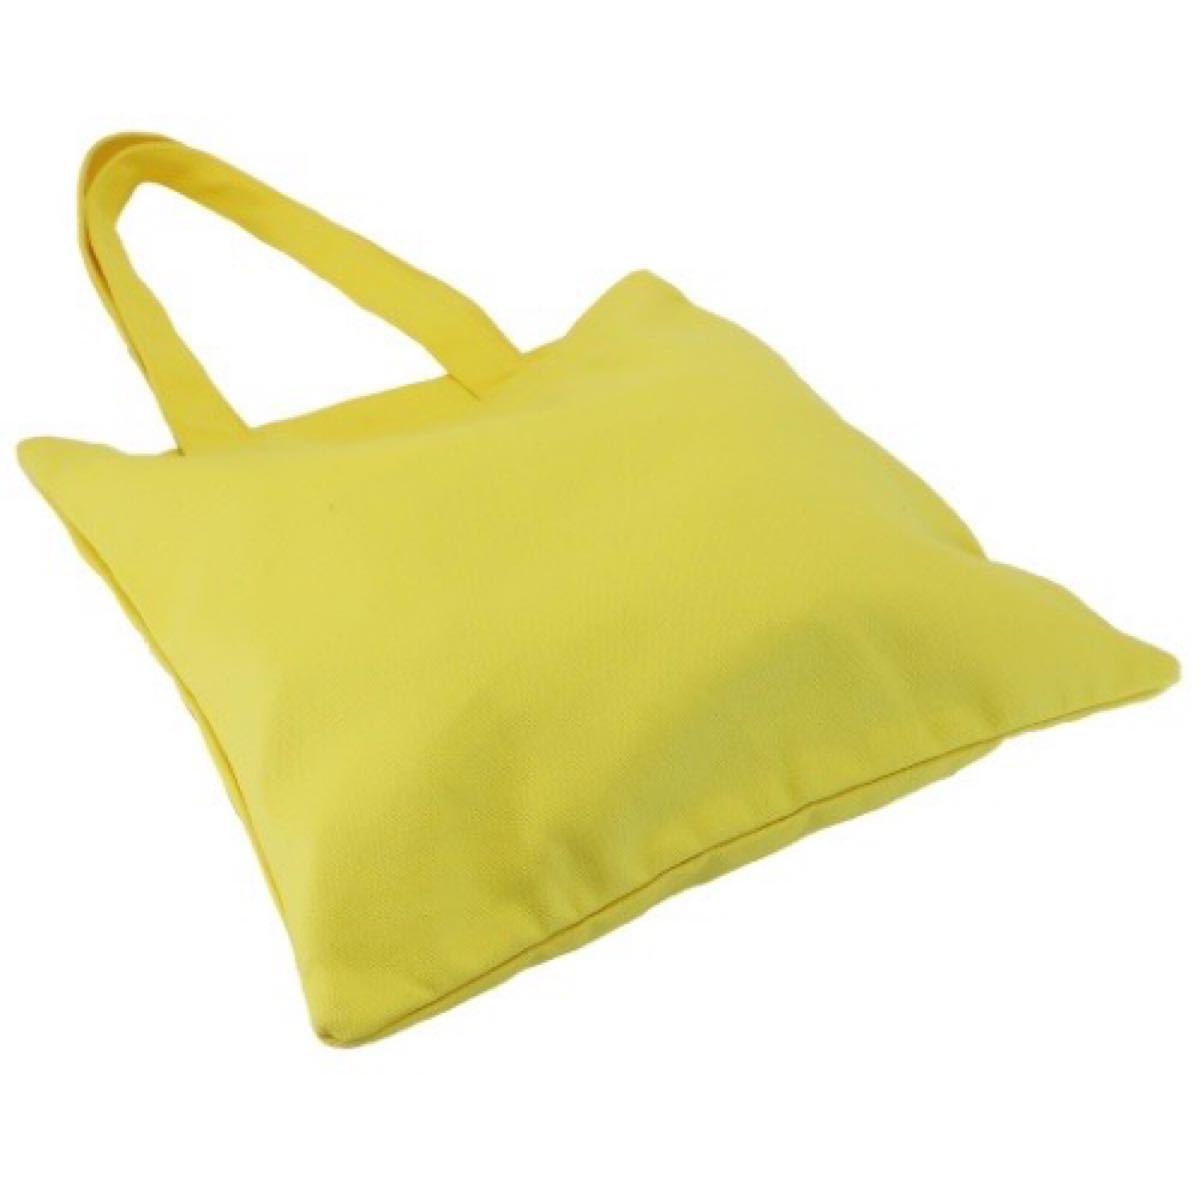 【トートバッグ】スヌーピー カラートート 野球 エコバッグ